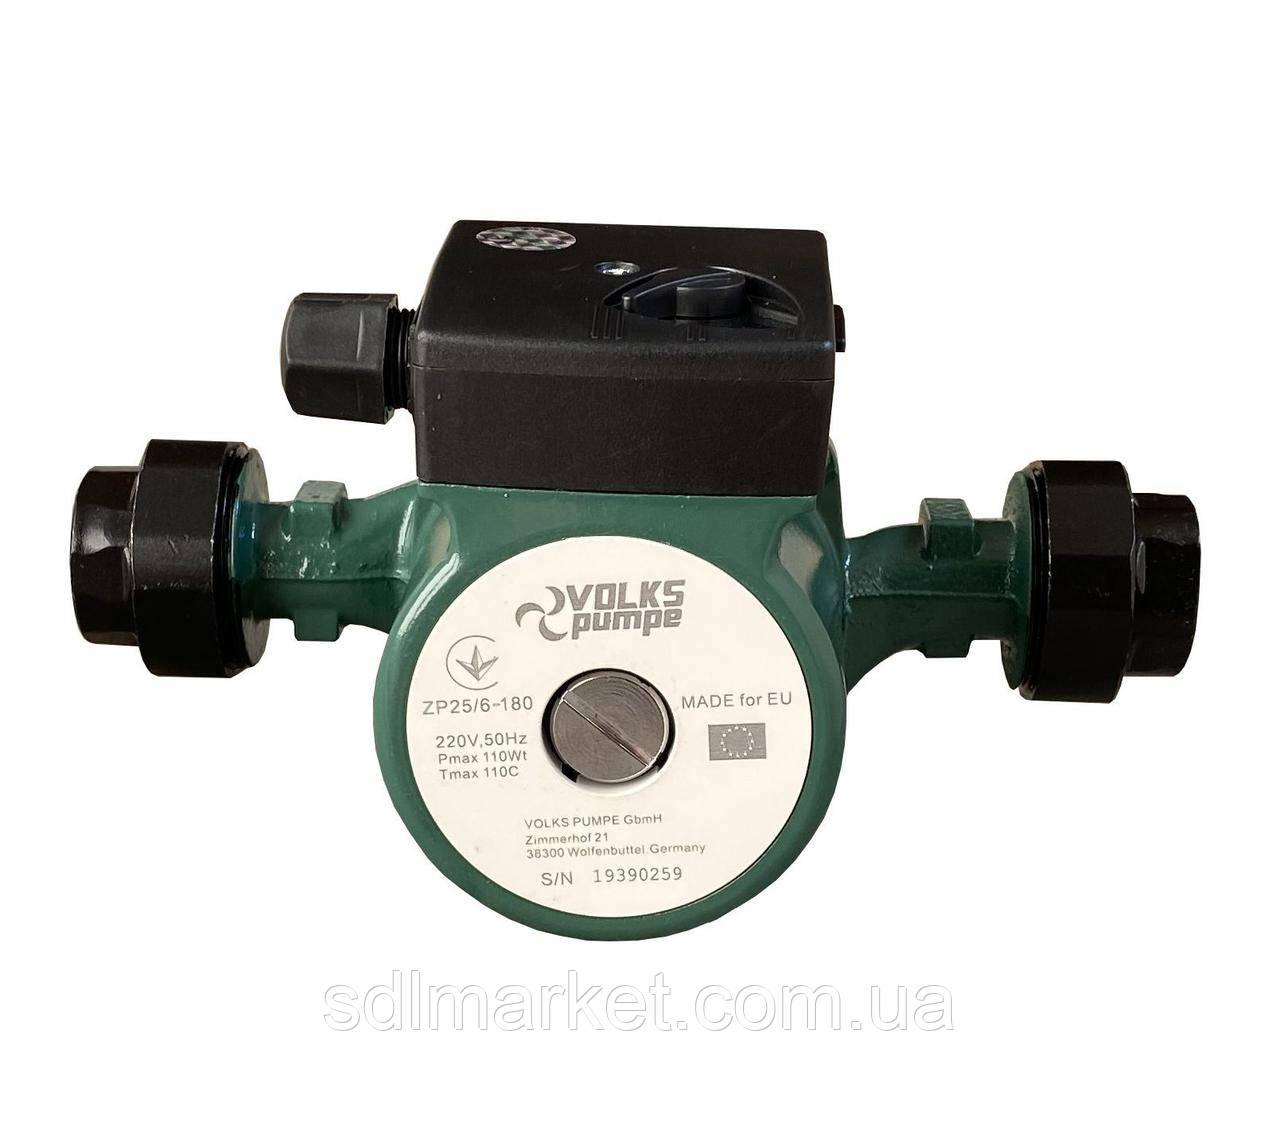 Насос циркуляційний VOLKS pumpe ZP25/6 180мм + гайки